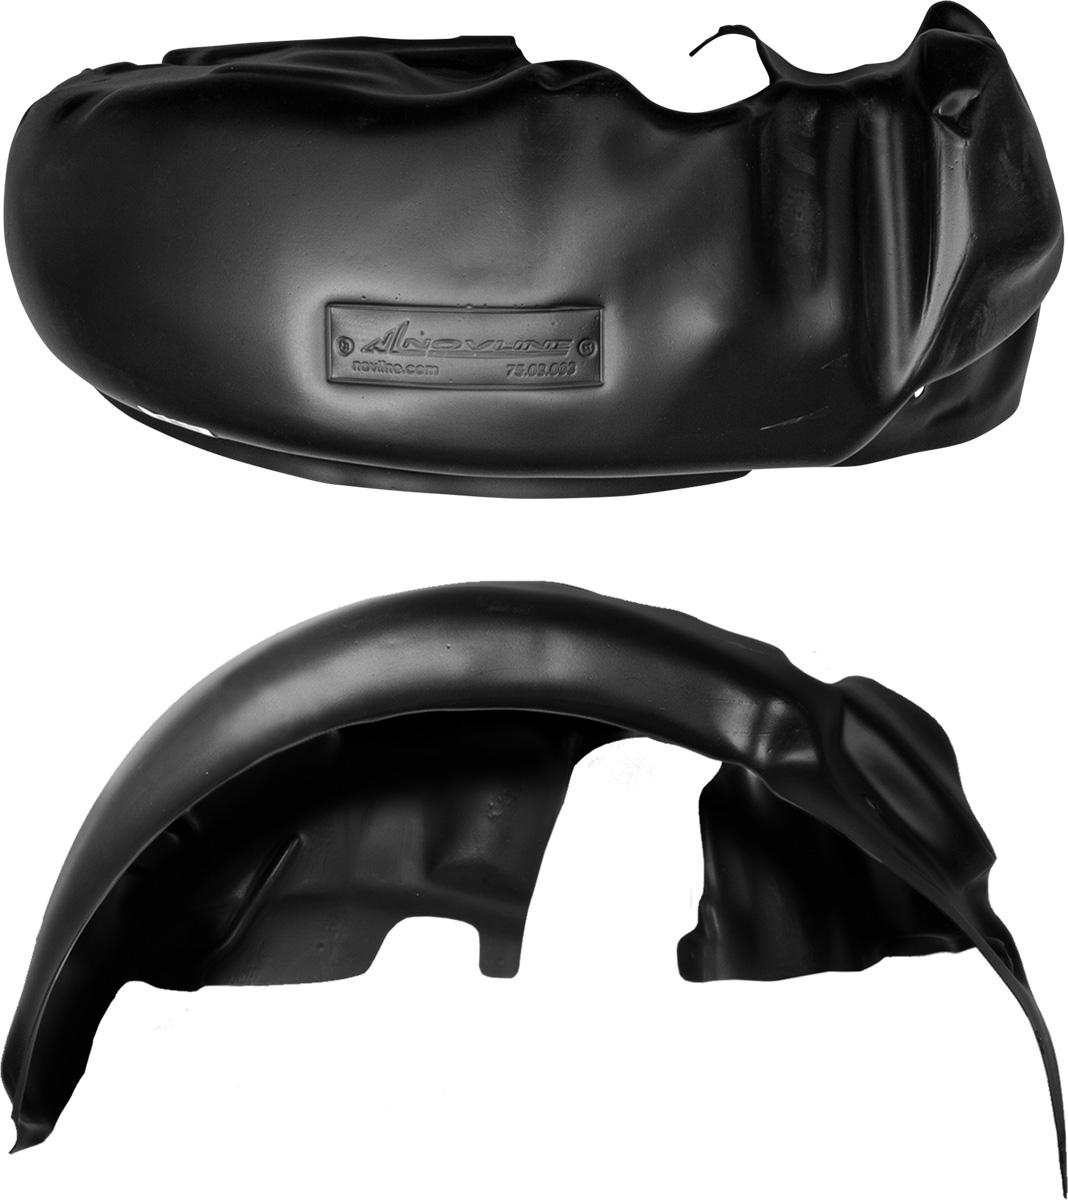 Подкрылок Novline-Autofamily, для Great Wall Hover H3/H5, 2010->, задний левый5104Колесные ниши - одни из самых уязвимых зон днища вашего автомобиля. Они постоянно подвергаются воздействию со стороны дороги. Лучшая, почти абсолютная защита для них - специально отформованные пластиковые кожухи, которые называются подкрылками. Производятся они как для отечественных моделей автомобилей, так и для иномарок. Подкрылки Novline-Autofamily выполнены из высококачественного, экологически чистого пластика. Обеспечивают надежную защиту кузова автомобиля от пескоструйного эффекта и негативного влияния, агрессивных антигололедных реагентов. Пластик обладает более низкой теплопроводностью, чем металл, поэтому в зимний период эксплуатации использование пластиковых подкрылков позволяет лучше защитить колесные ниши от налипания снега и образования наледи. Оригинальность конструкции подчеркивает элегантность автомобиля, бережно защищает нанесенное на днище кузова антикоррозийное покрытие и позволяет осуществить крепление подкрылков внутри колесной арки практически без дополнительного крепежа и сверления, не нарушая при этом лакокрасочного покрытия, что предотвращает возникновение новых очагов коррозии. Подкрылки долговечны, обладают высокой прочностью и сохраняют заданную форму, а также все свои физико-механические характеристики в самых тяжелых климатических условиях (от -50°С до +50°С).Уважаемые клиенты!Обращаем ваше внимание, на тот факт, что подкрылок имеет форму, соответствующую модели данного автомобиля. Фото служит для визуального восприятия товара.